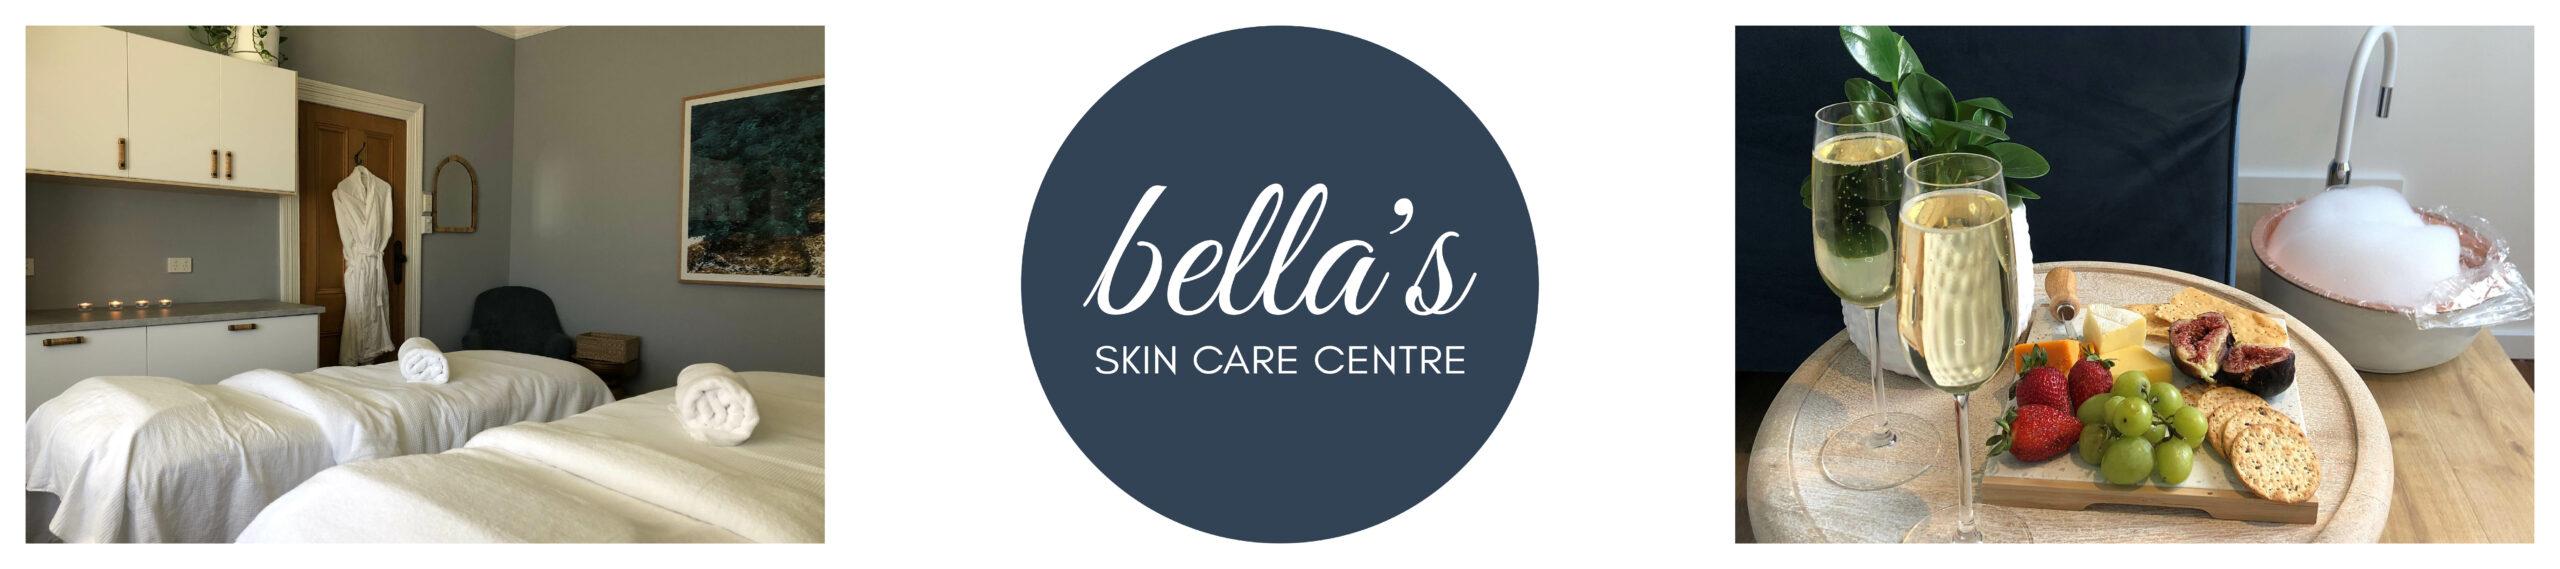 Bella's Skin Care Centre - East Fremantle